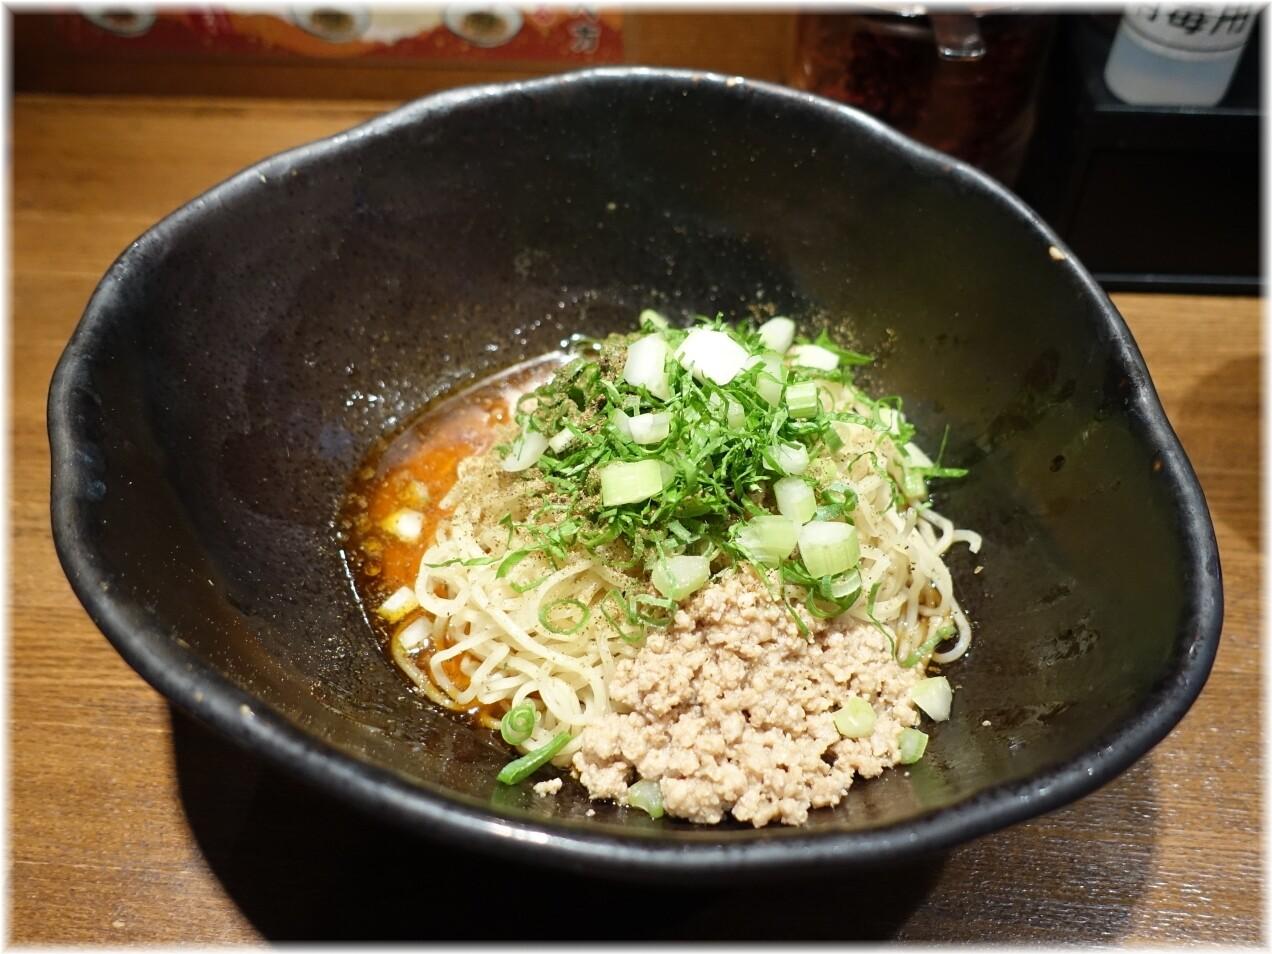 キング軒神田スタンド 汁なし担担麺3辛にセロリトッピング